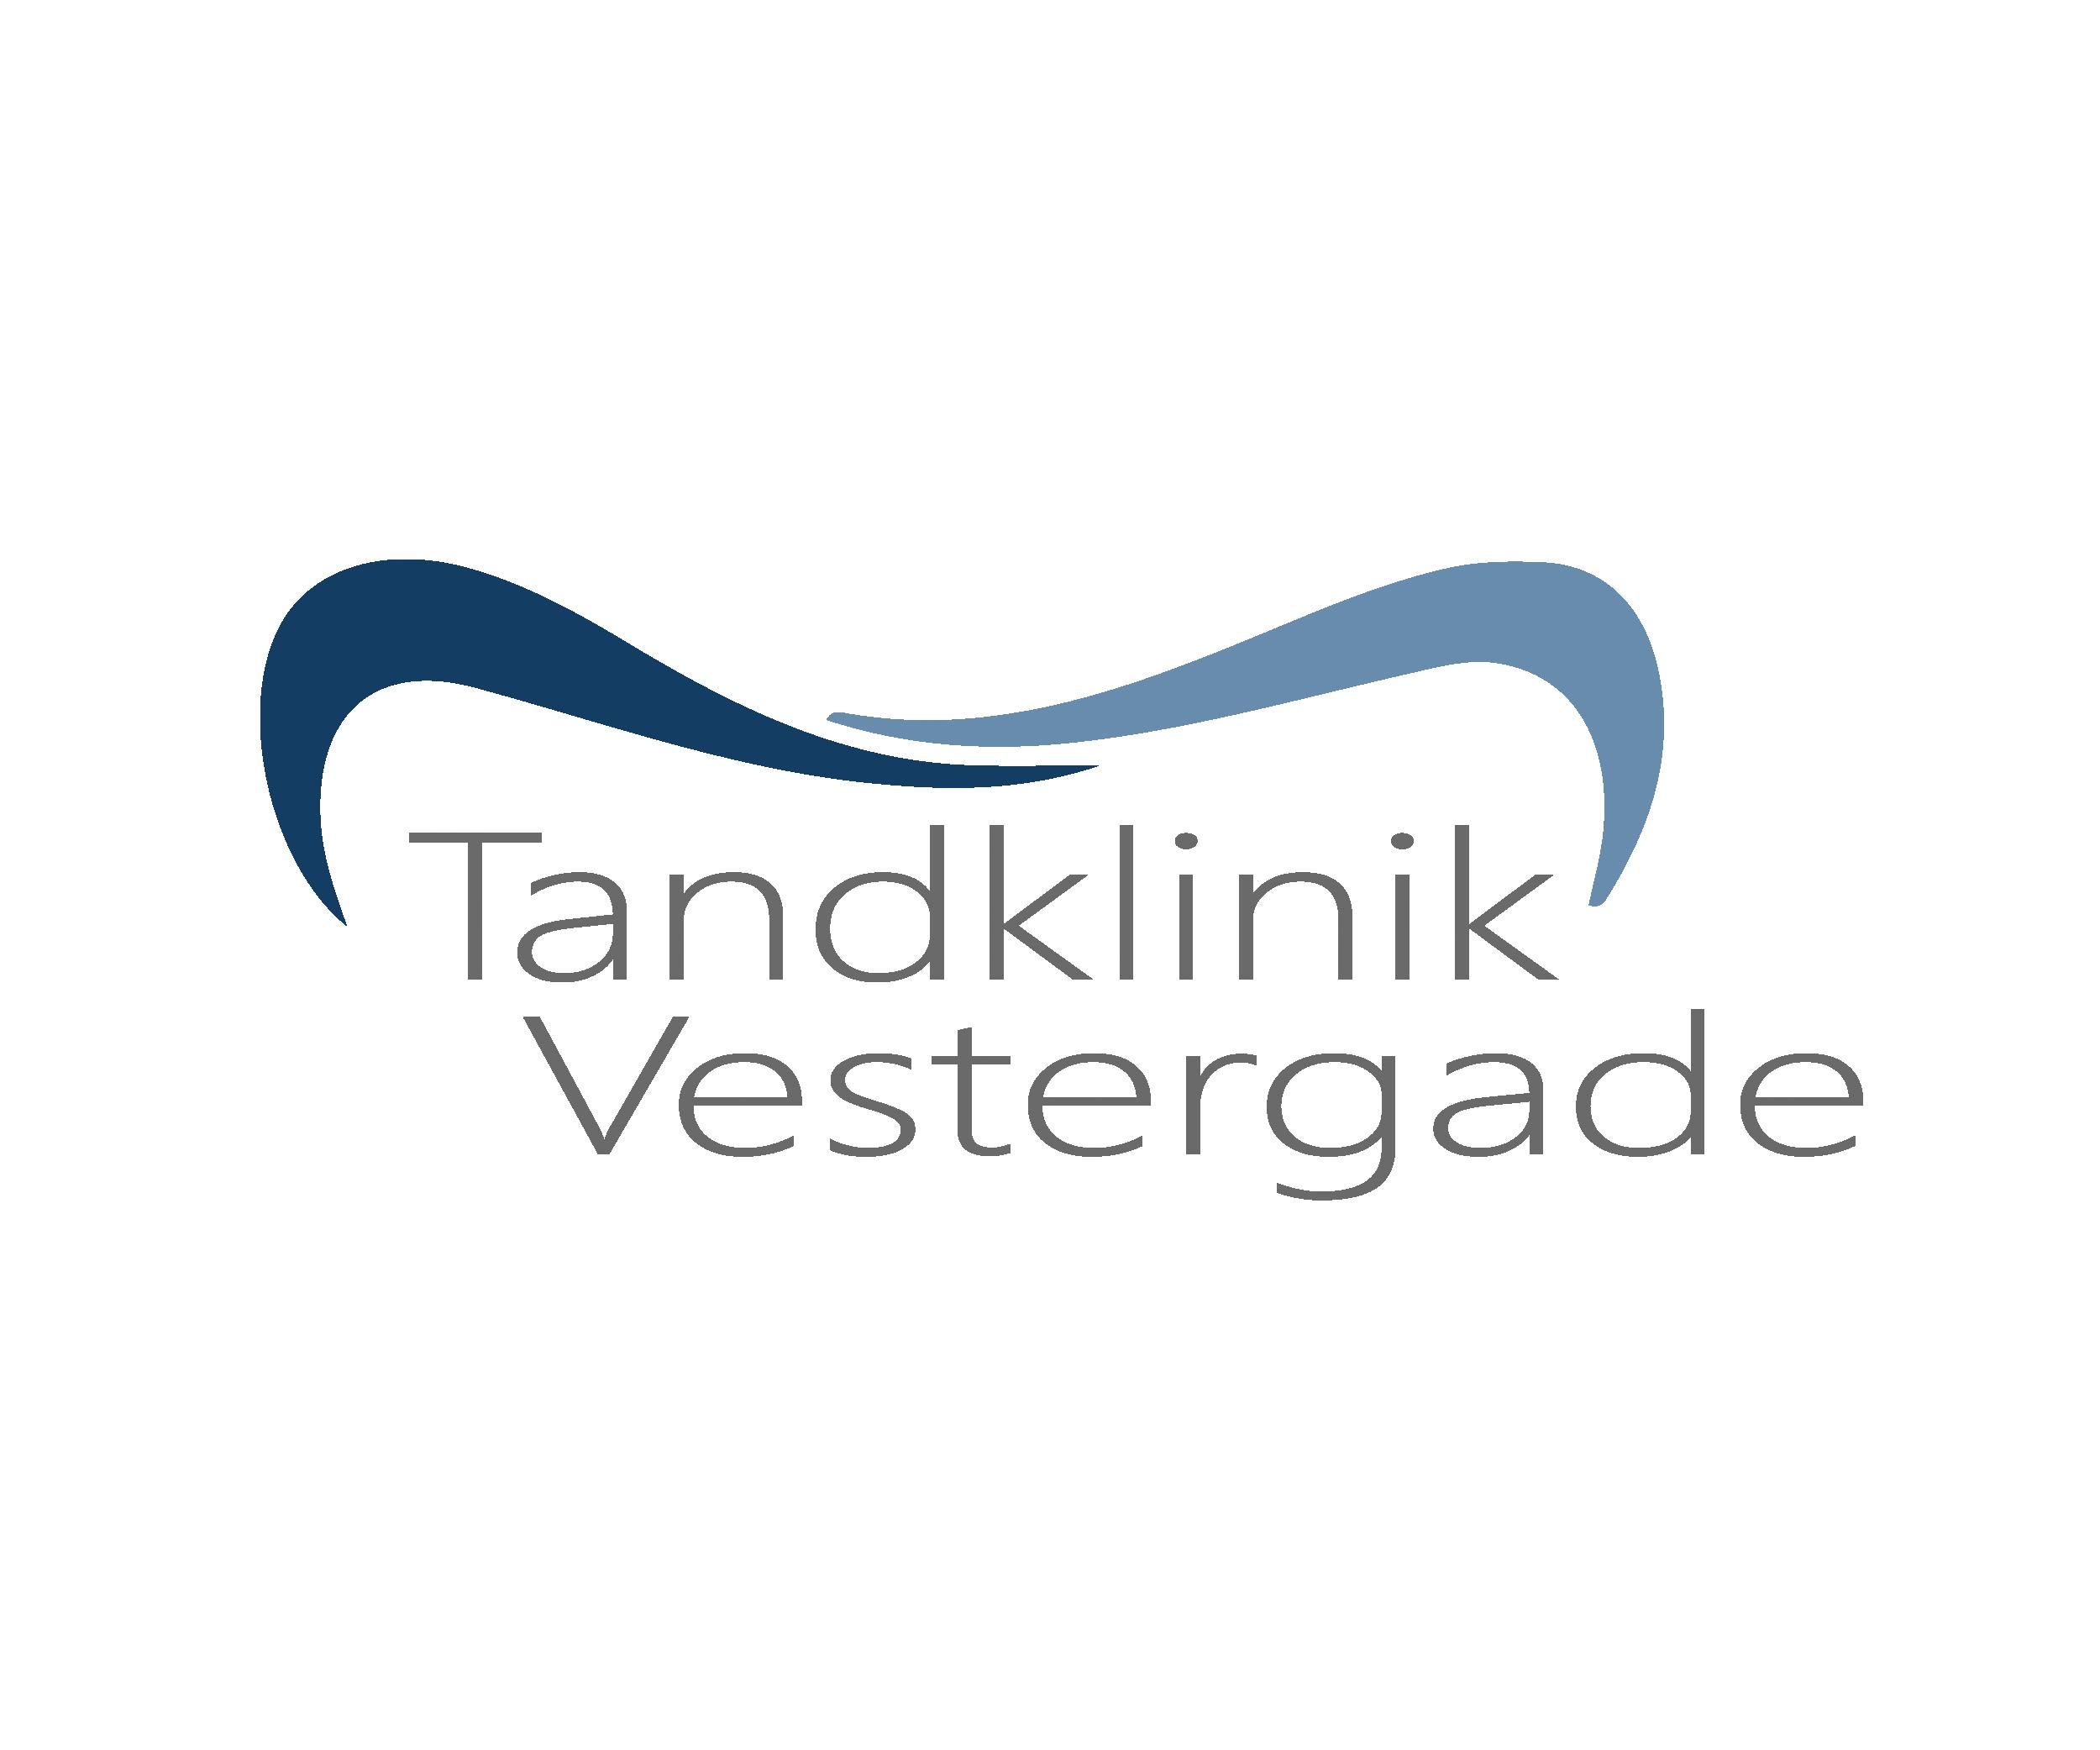 Tandklinik Vestergade